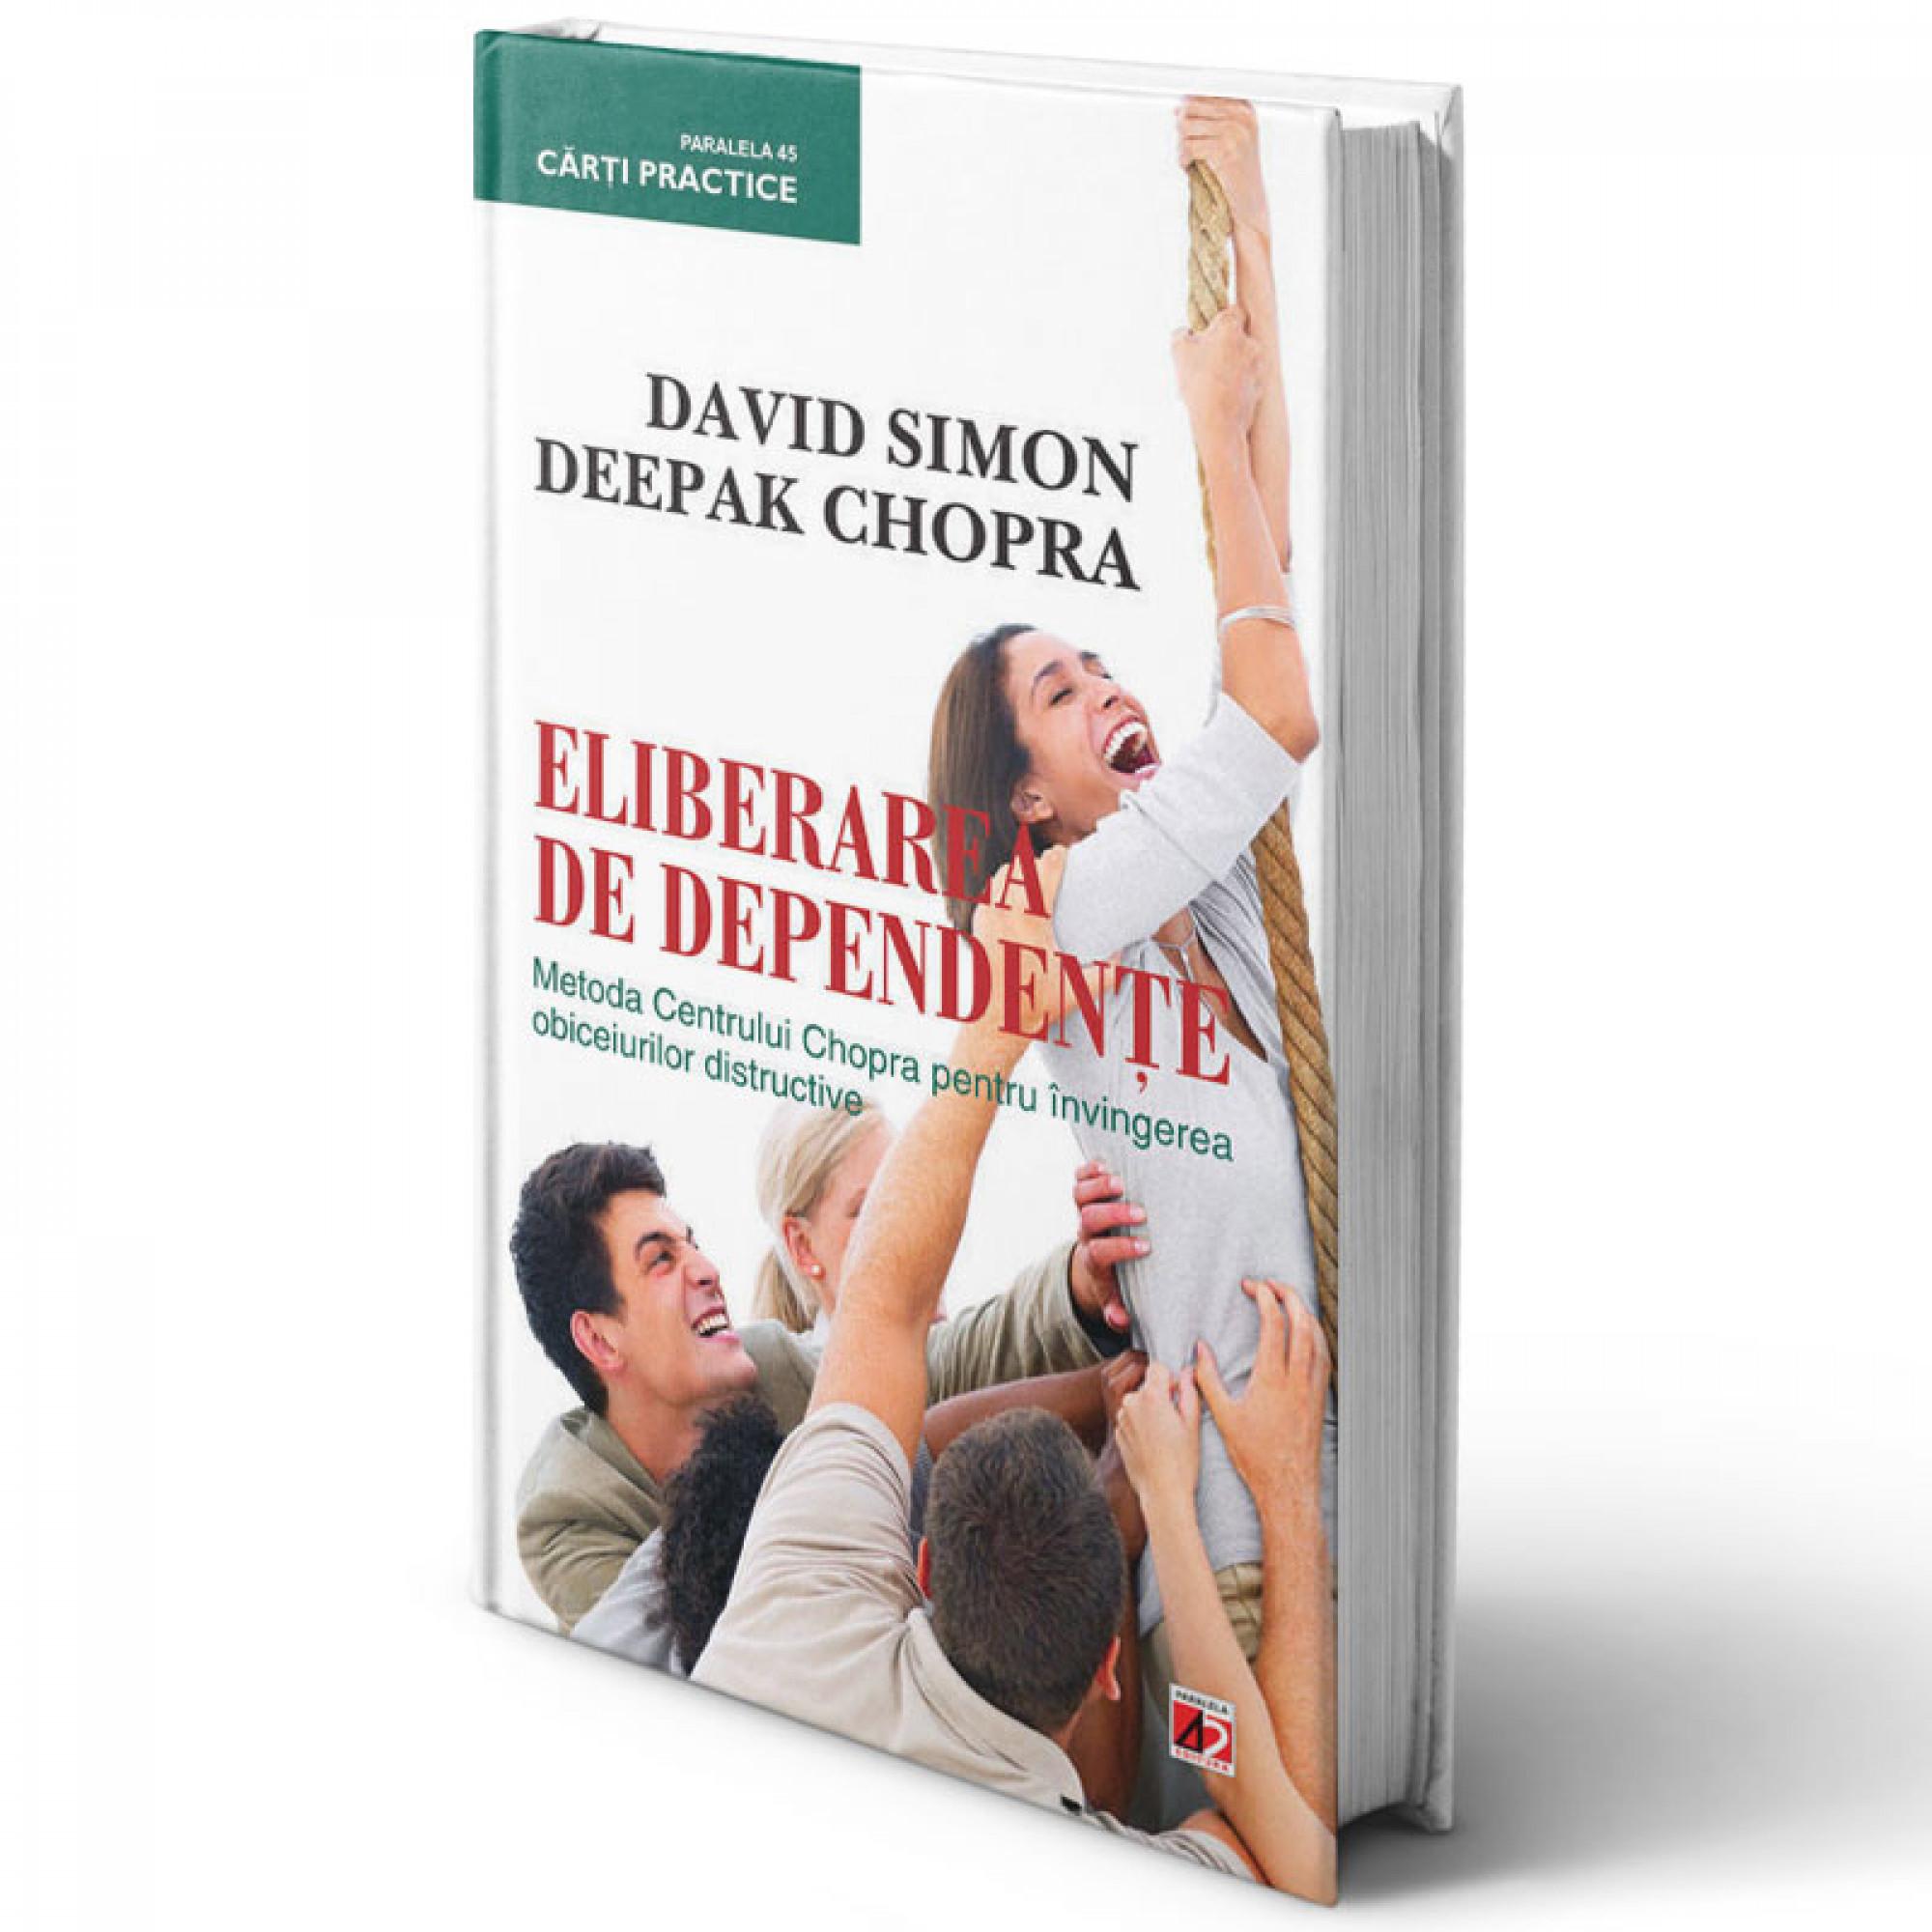 Eliberarea de dependenţe; Deepak Chopra; David Simon